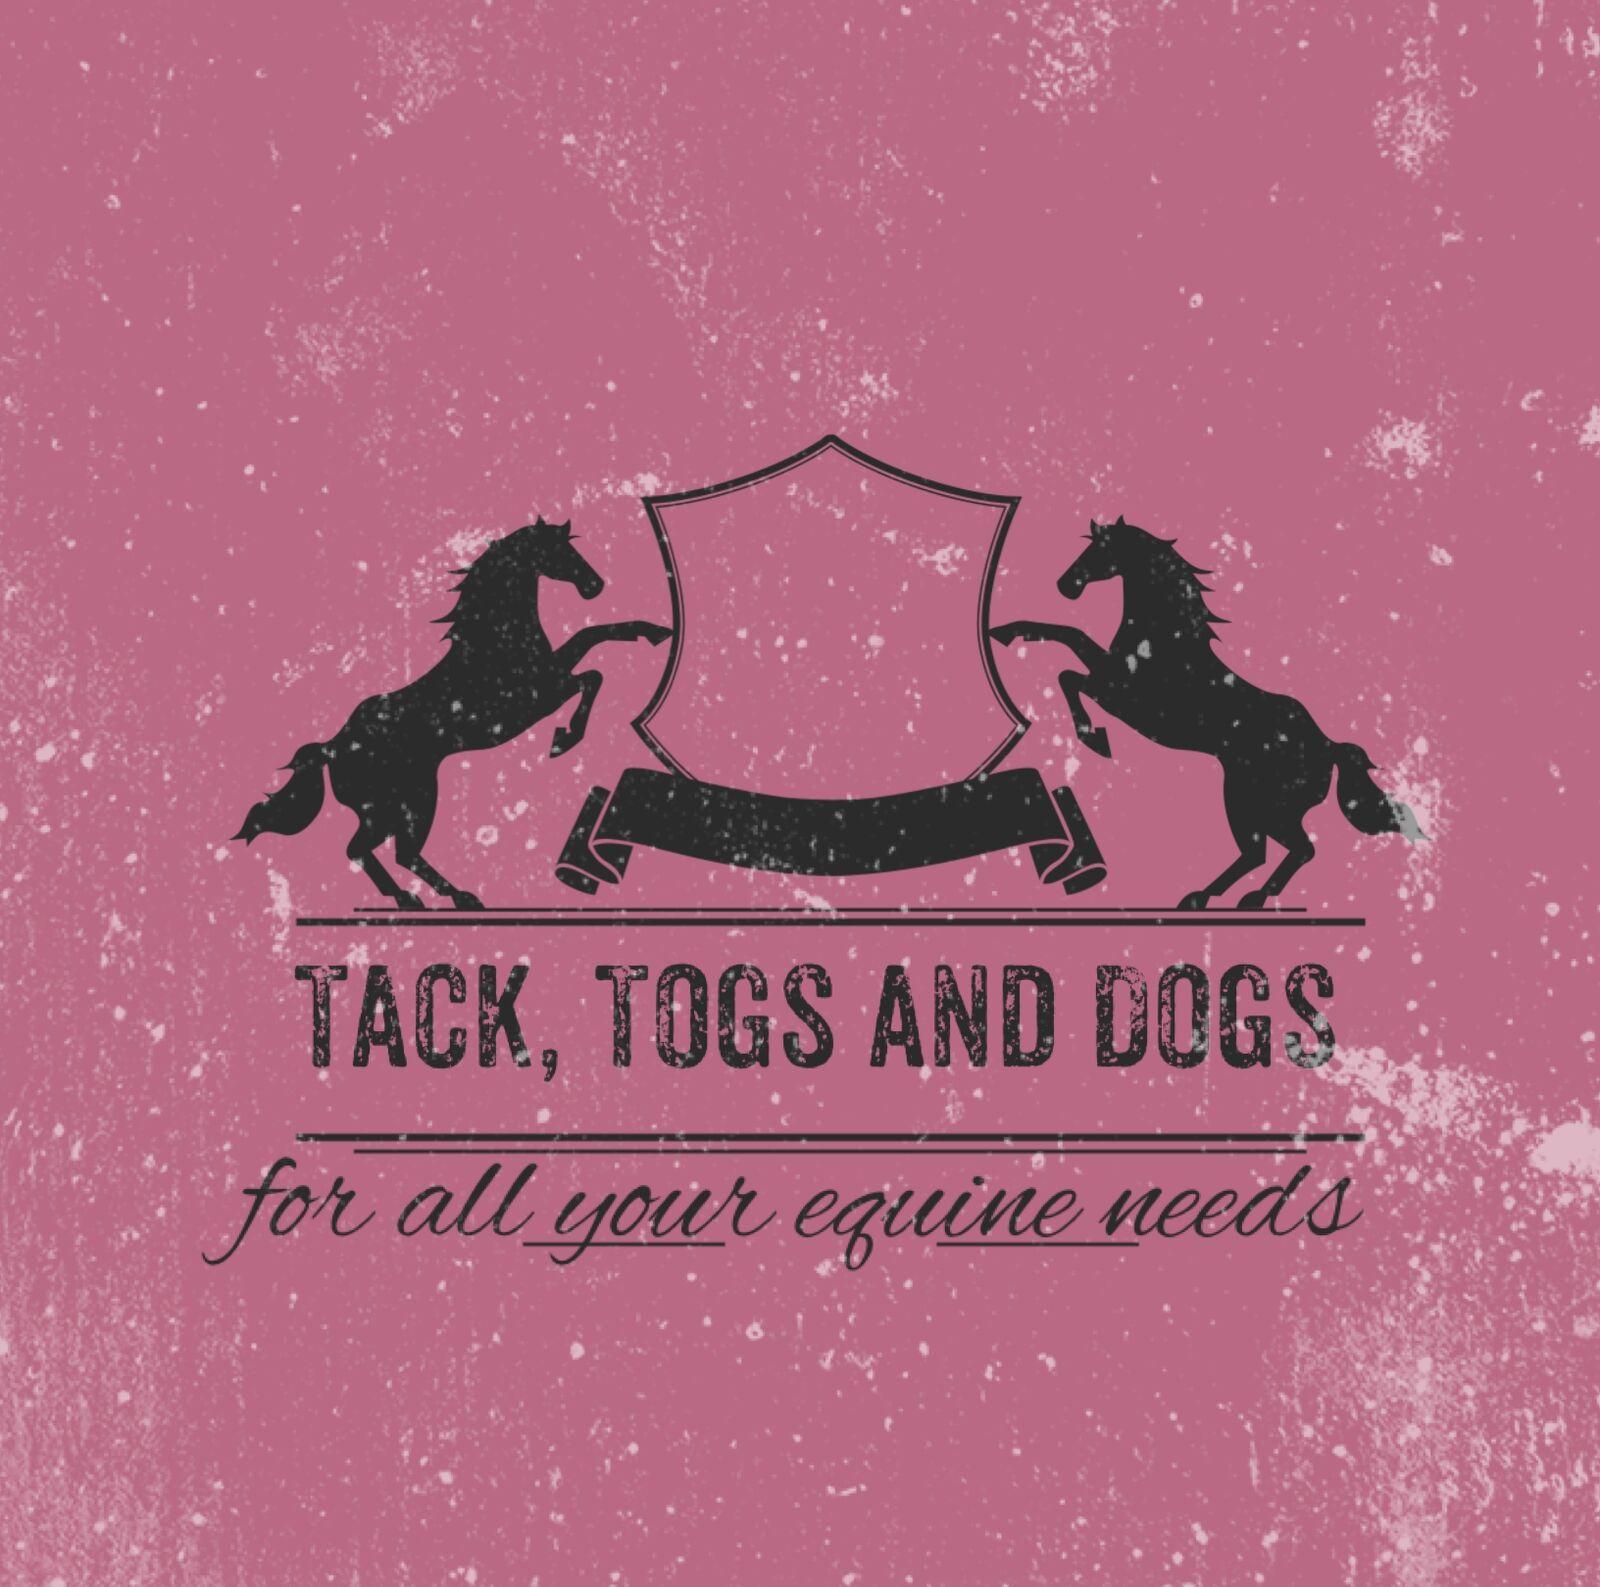 tacktogsanddogs